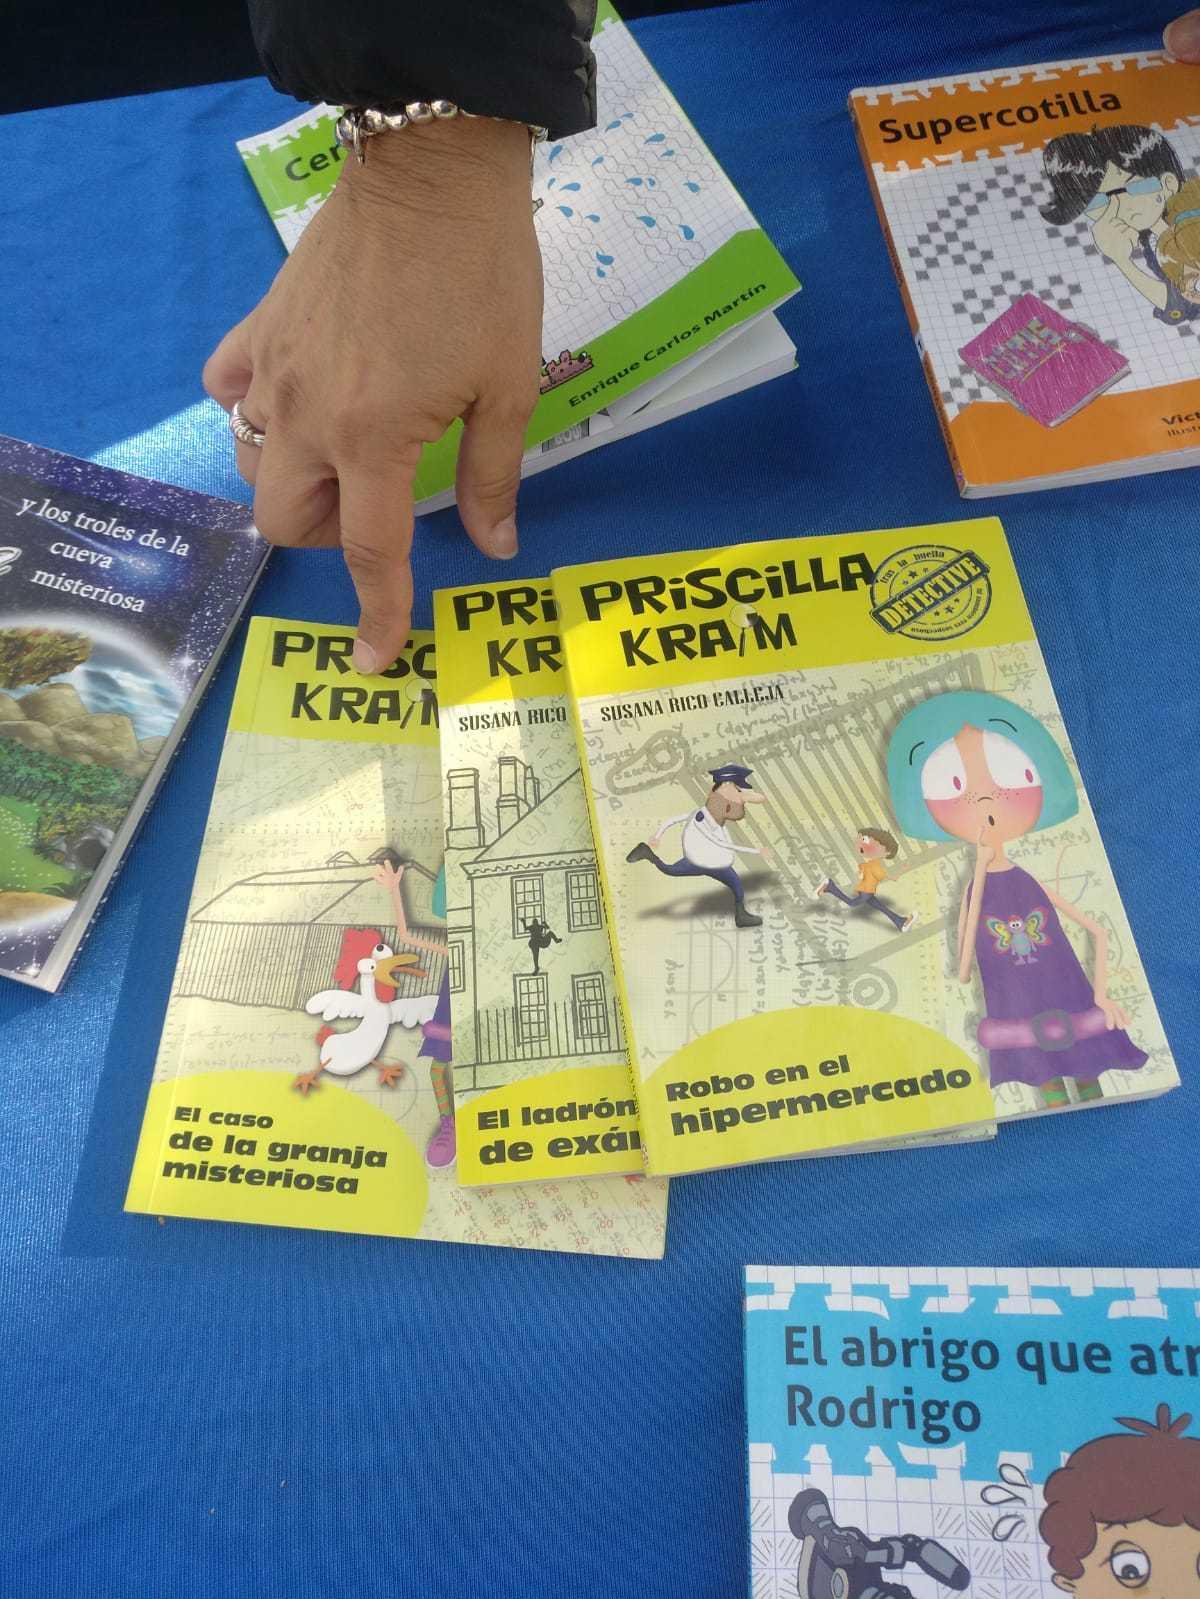 2019_04_02_Cuarto b en la miniferia del Fernando de los ríos_CEIP FDLR_Las Rozas 3